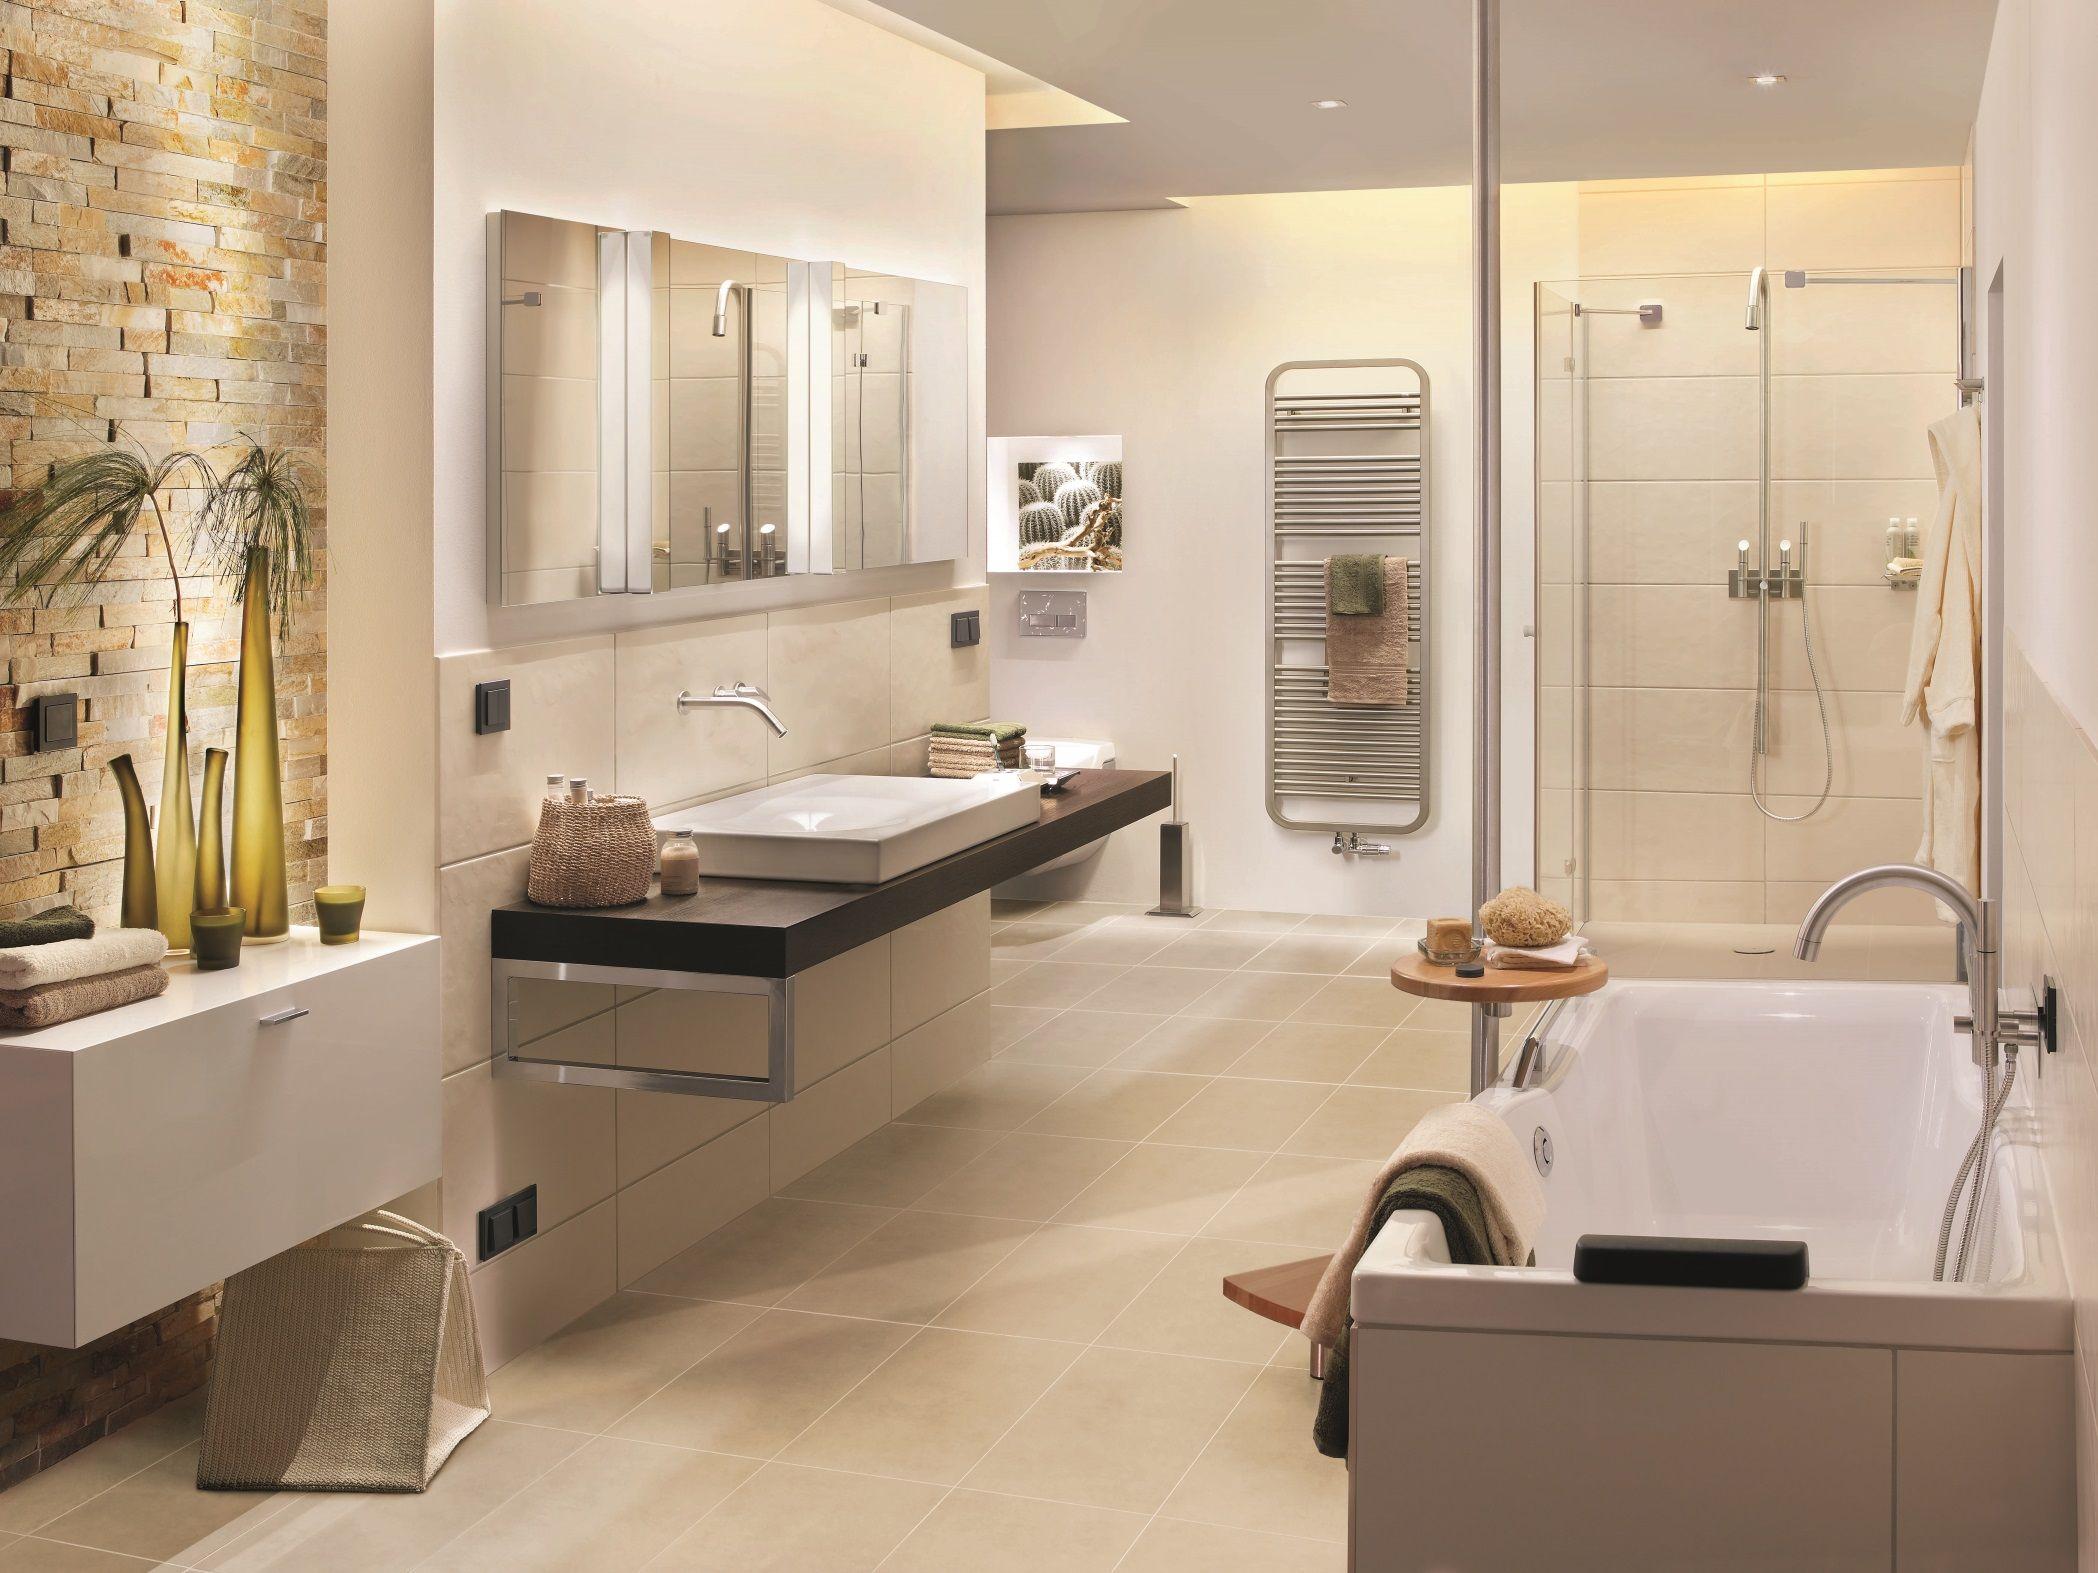 Badezimmer Renovieren Kosten 8 Qm In 2020 Badezimmer Renovieren Kleines Bad Renovieren Und Bad Renovieren